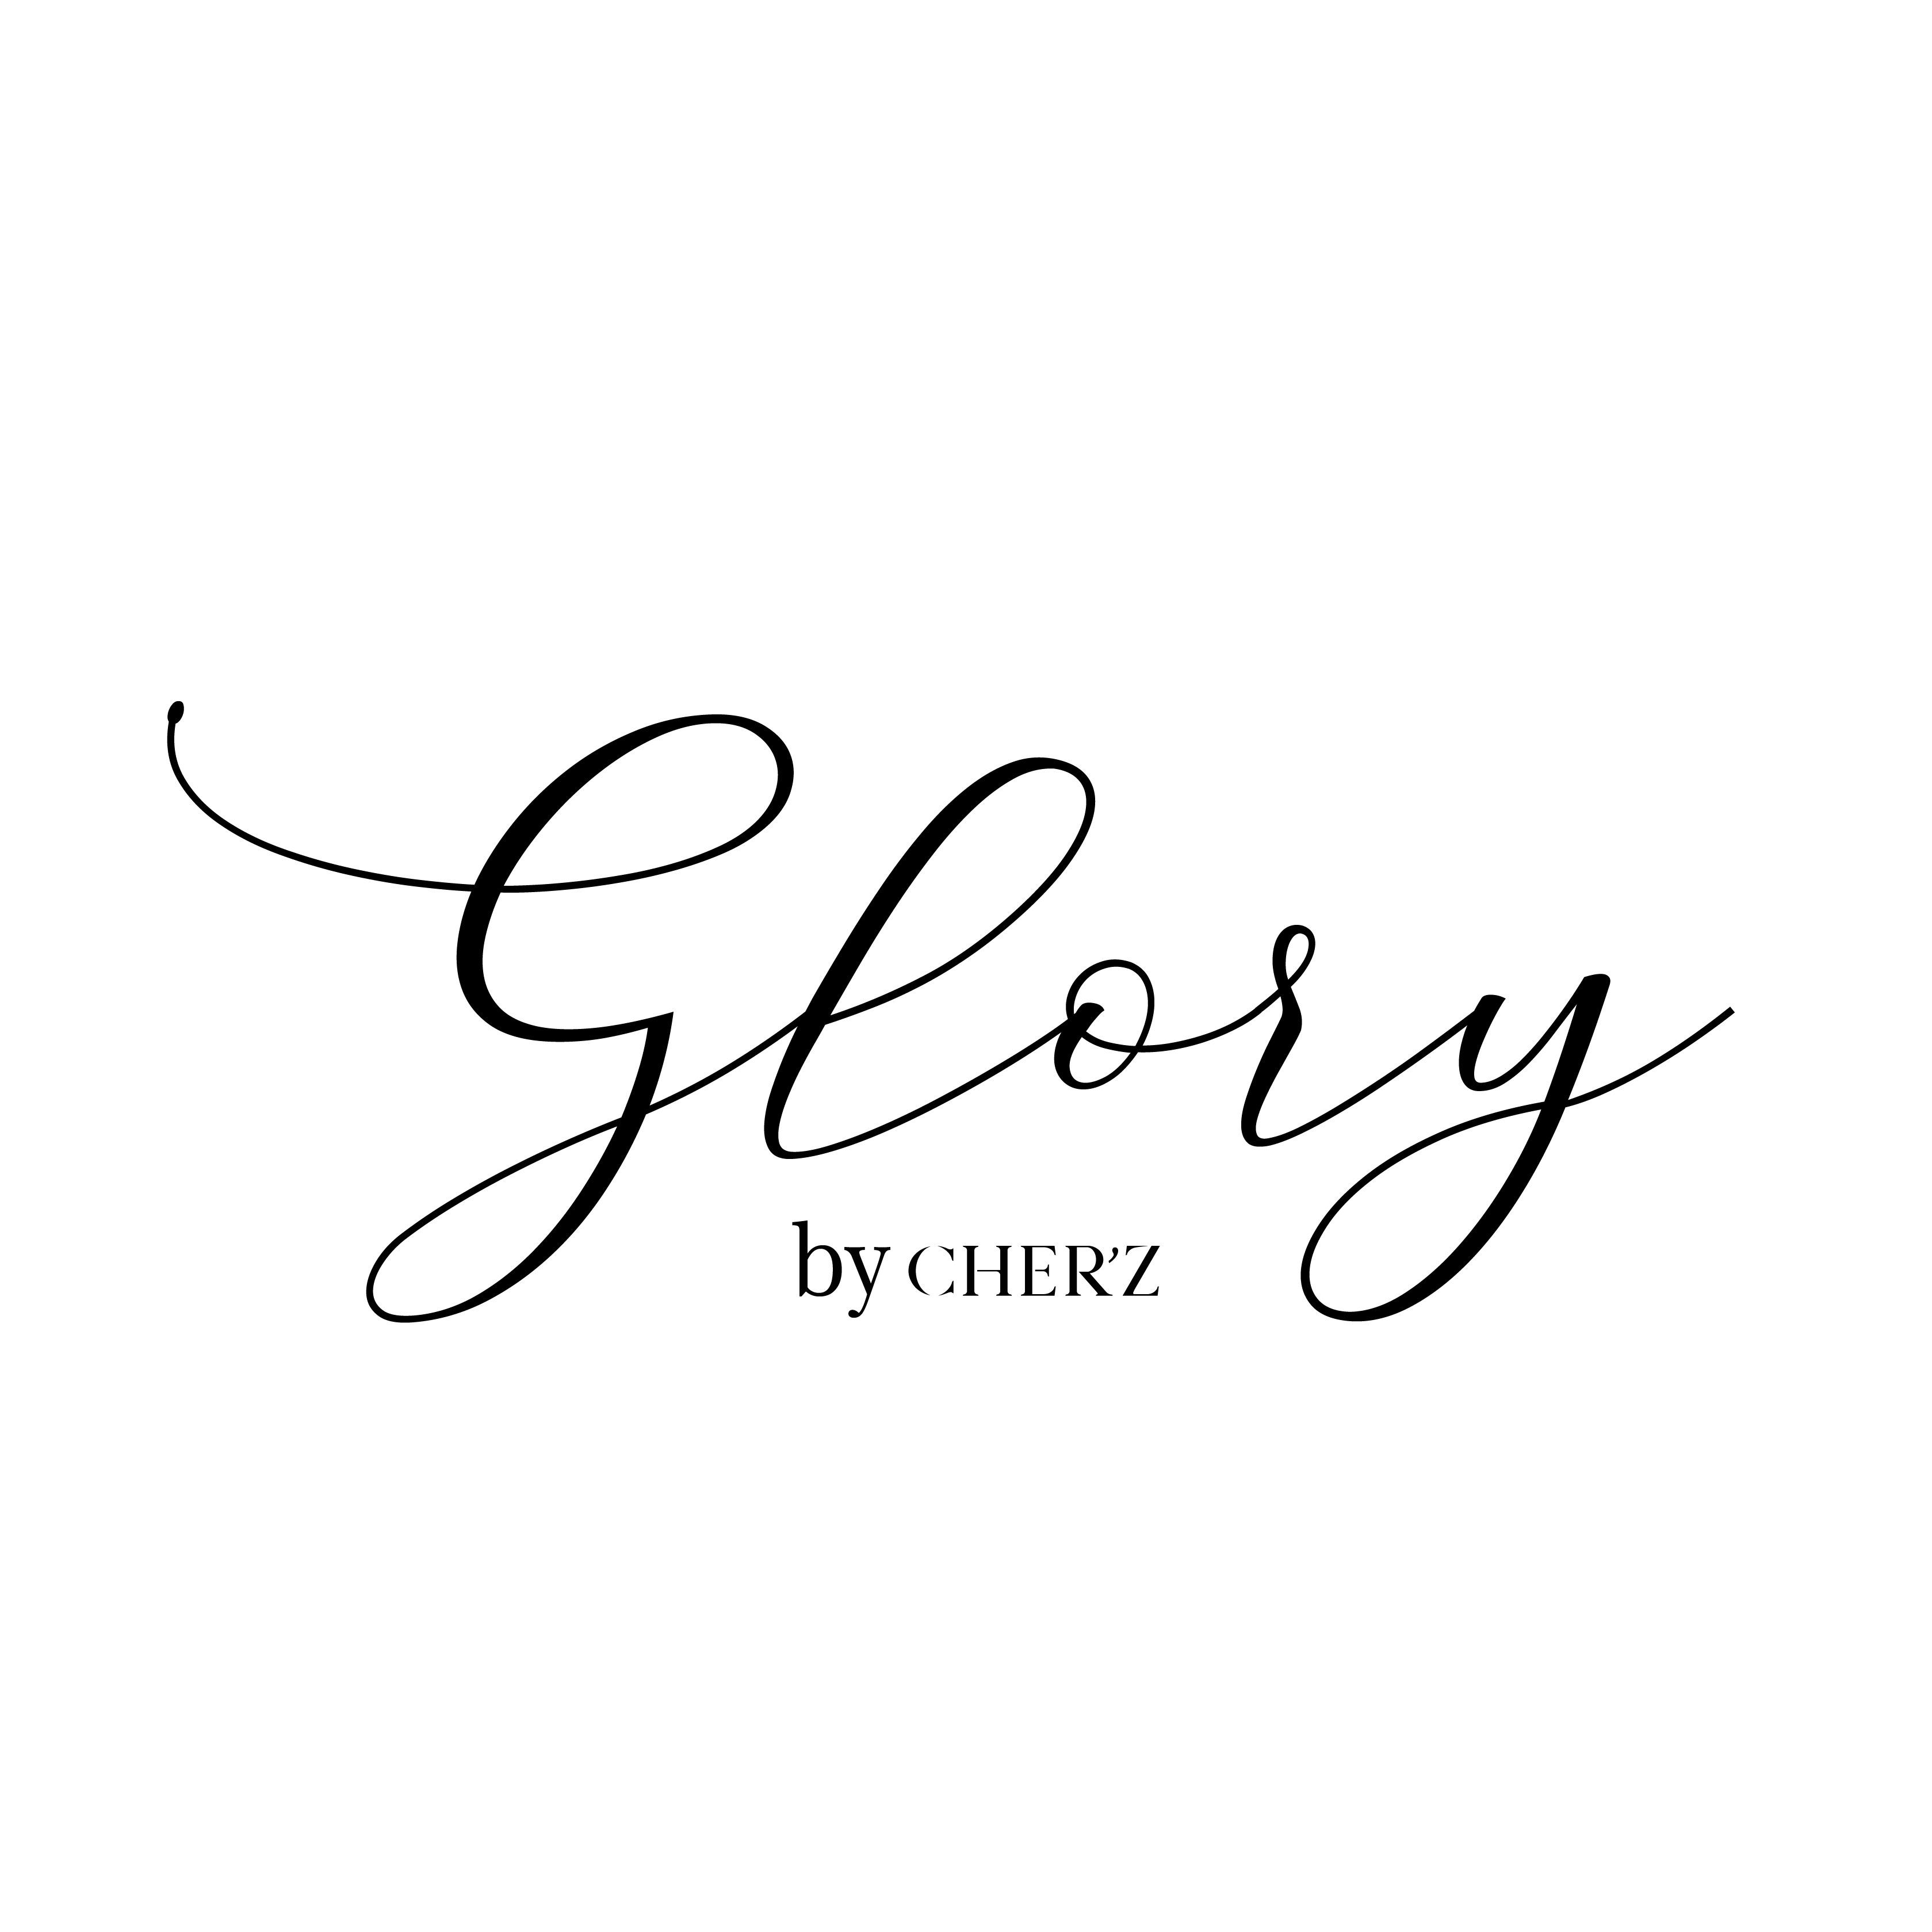 Glory by Cher'Z